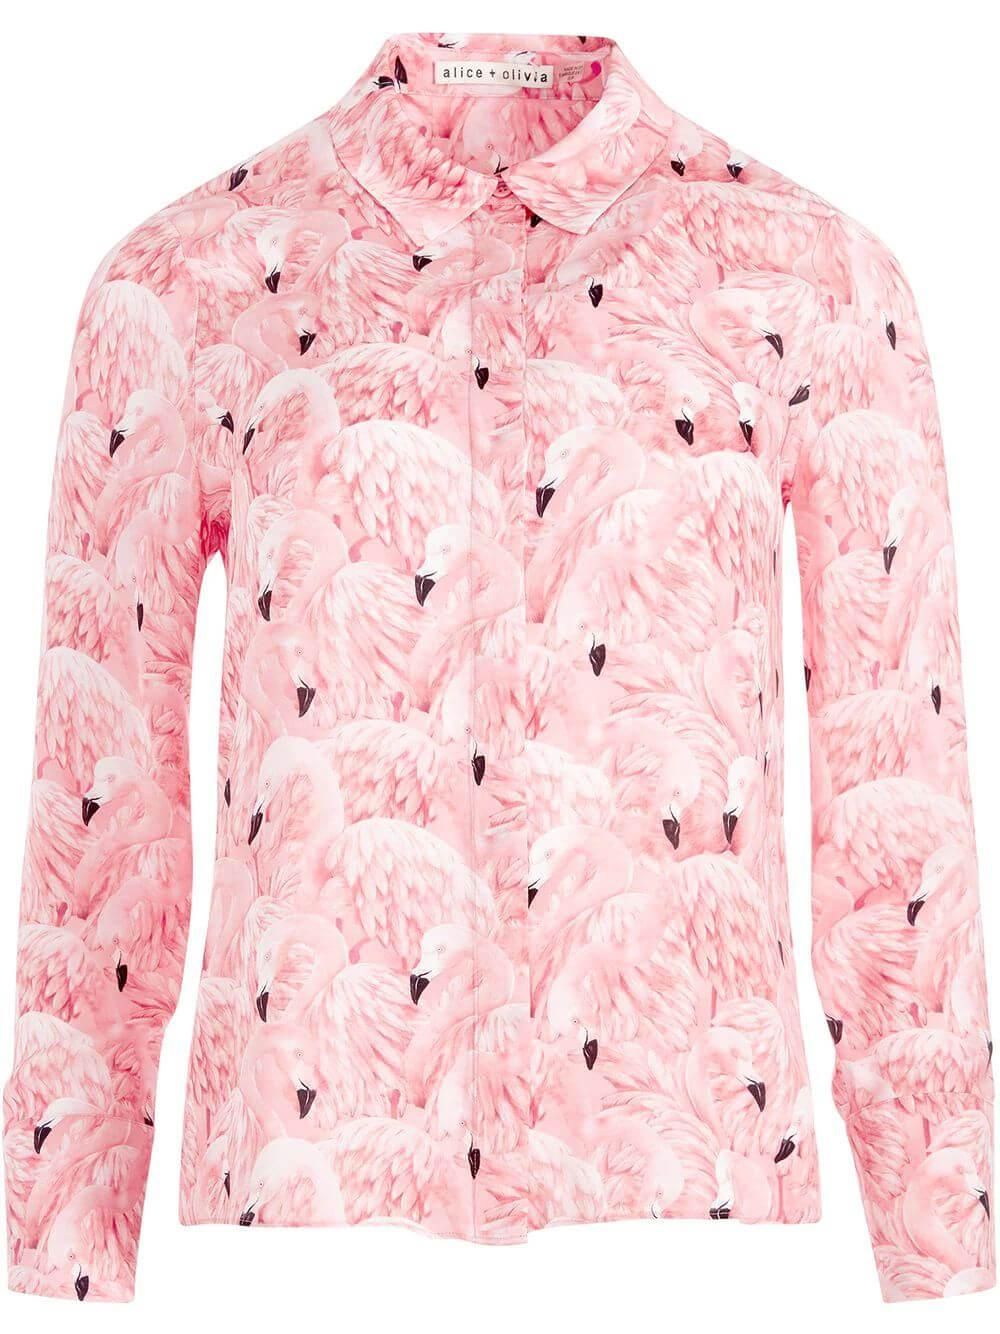 Willa Flamingo Top Item # CC104P02003